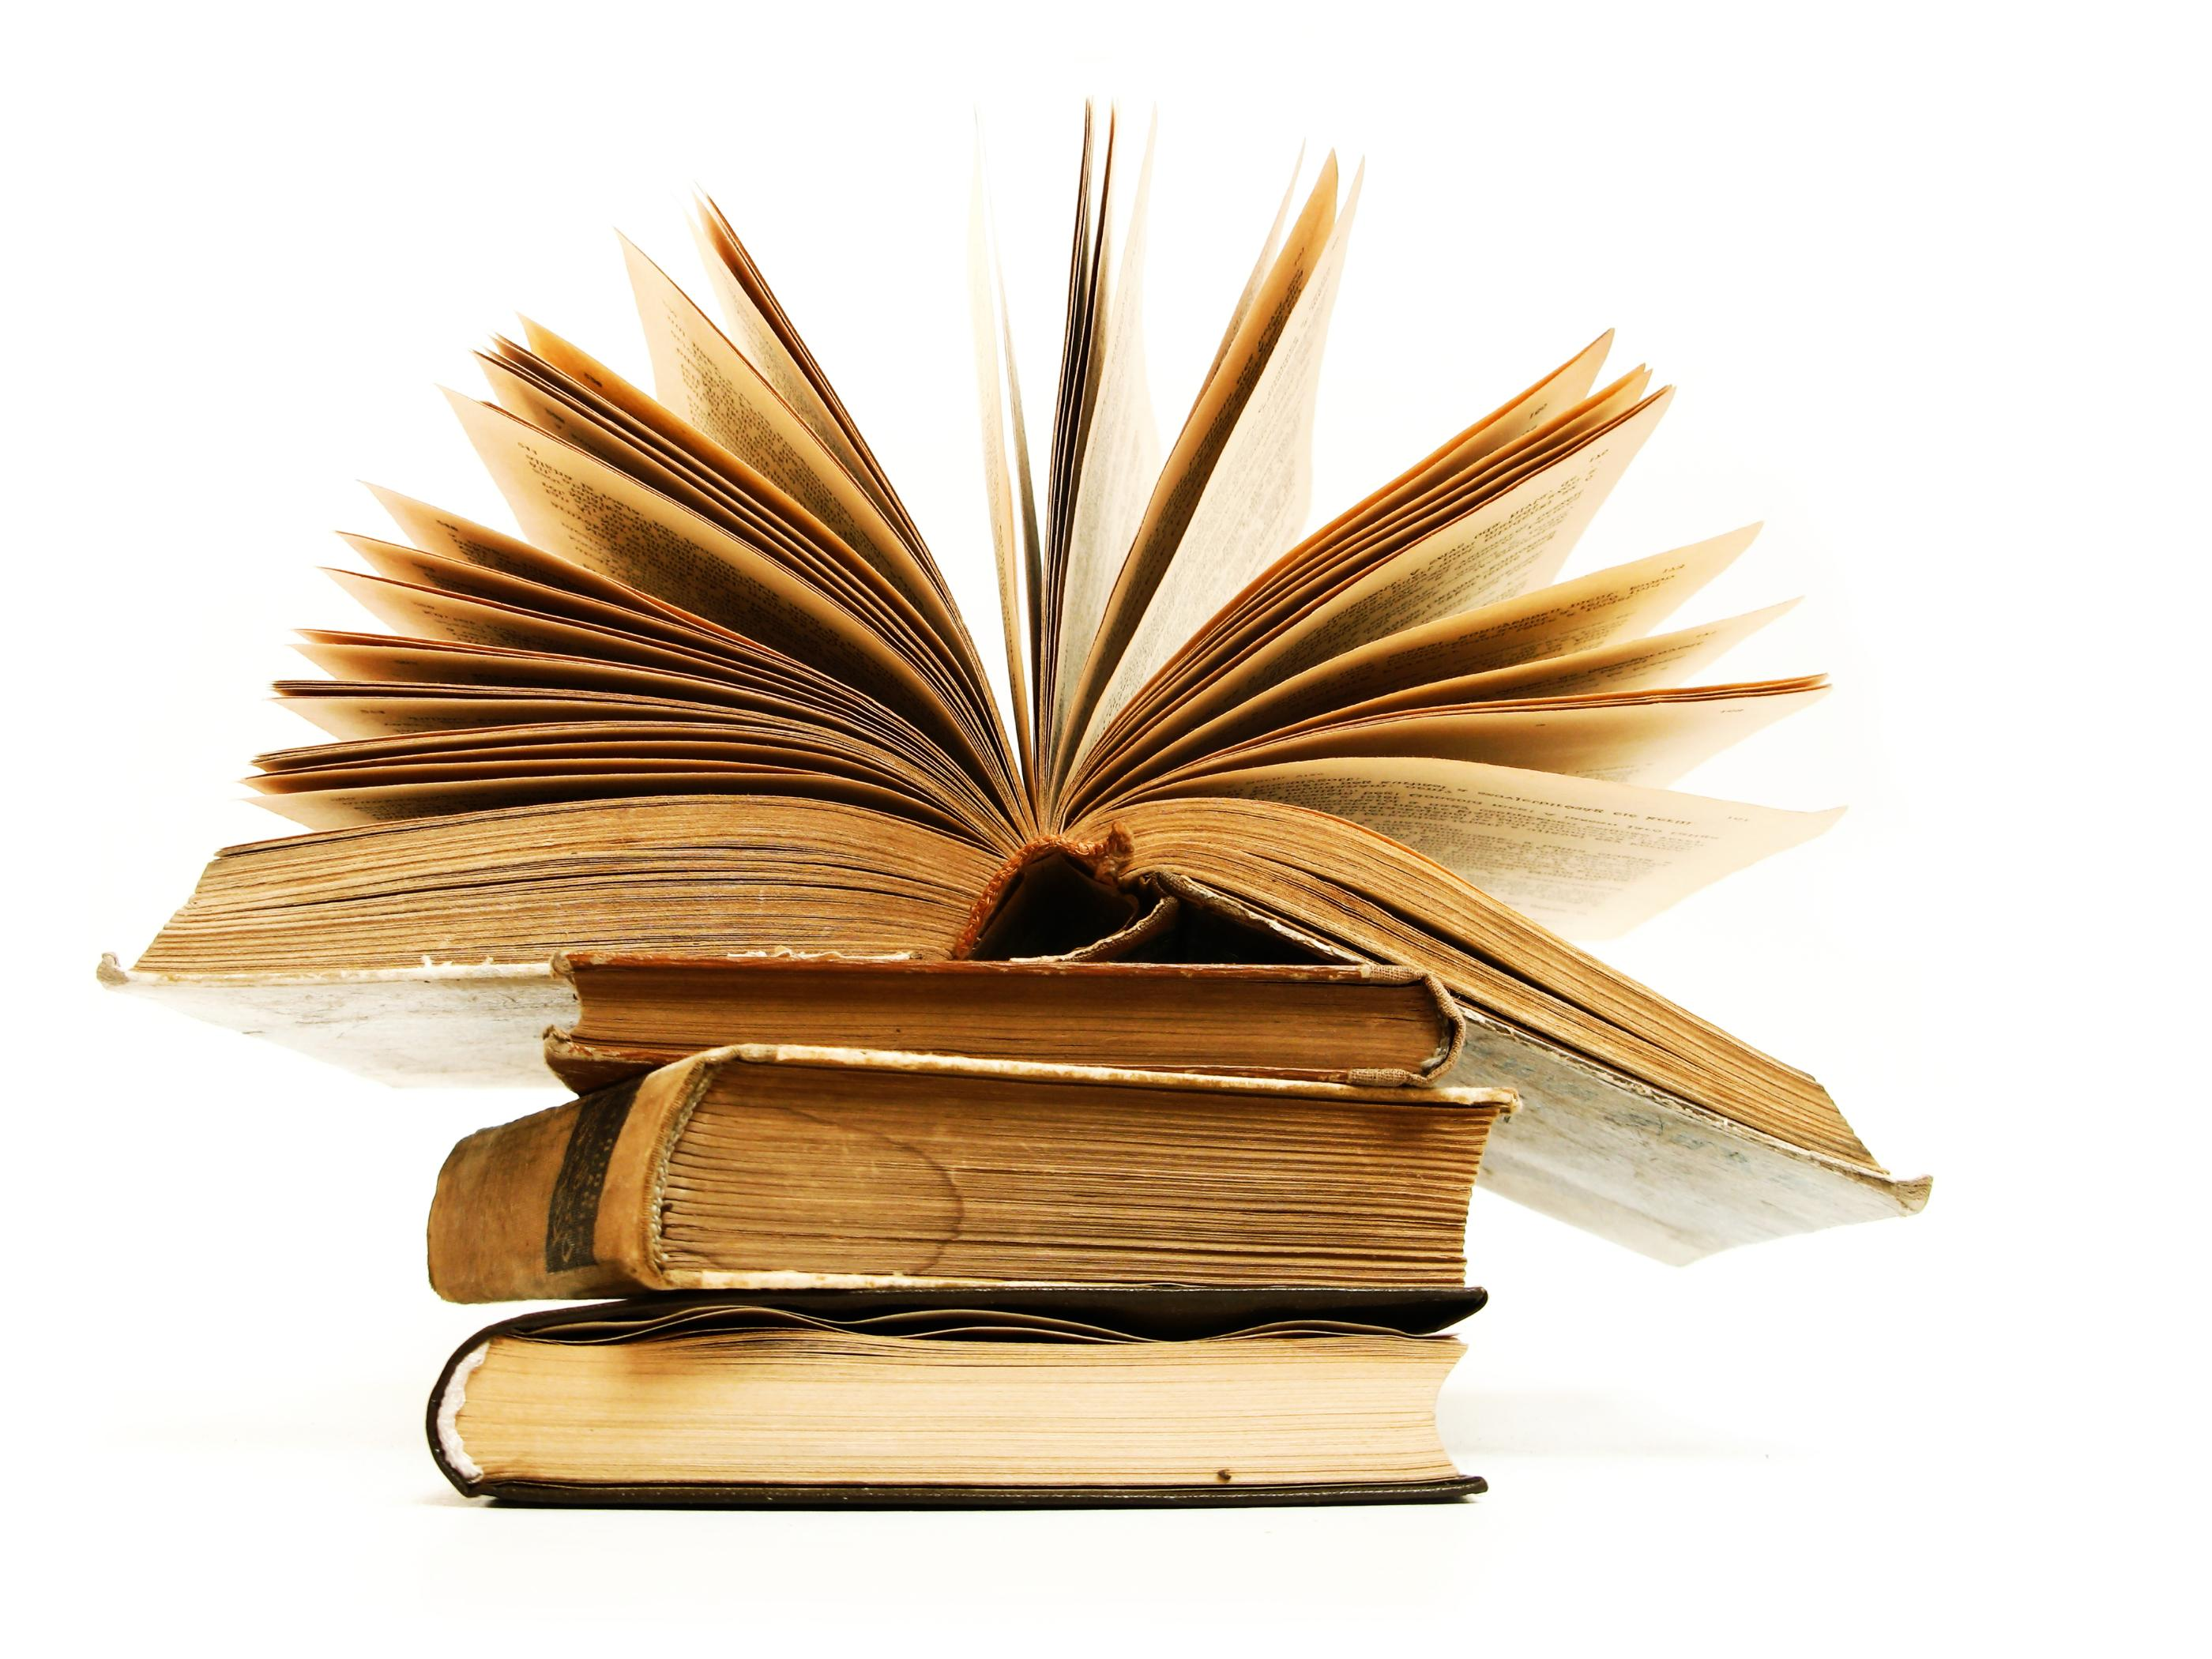 SOTOS KTORİS'TEN KIBRISLI TÜRKLERLE İLGİLİ KİTAP